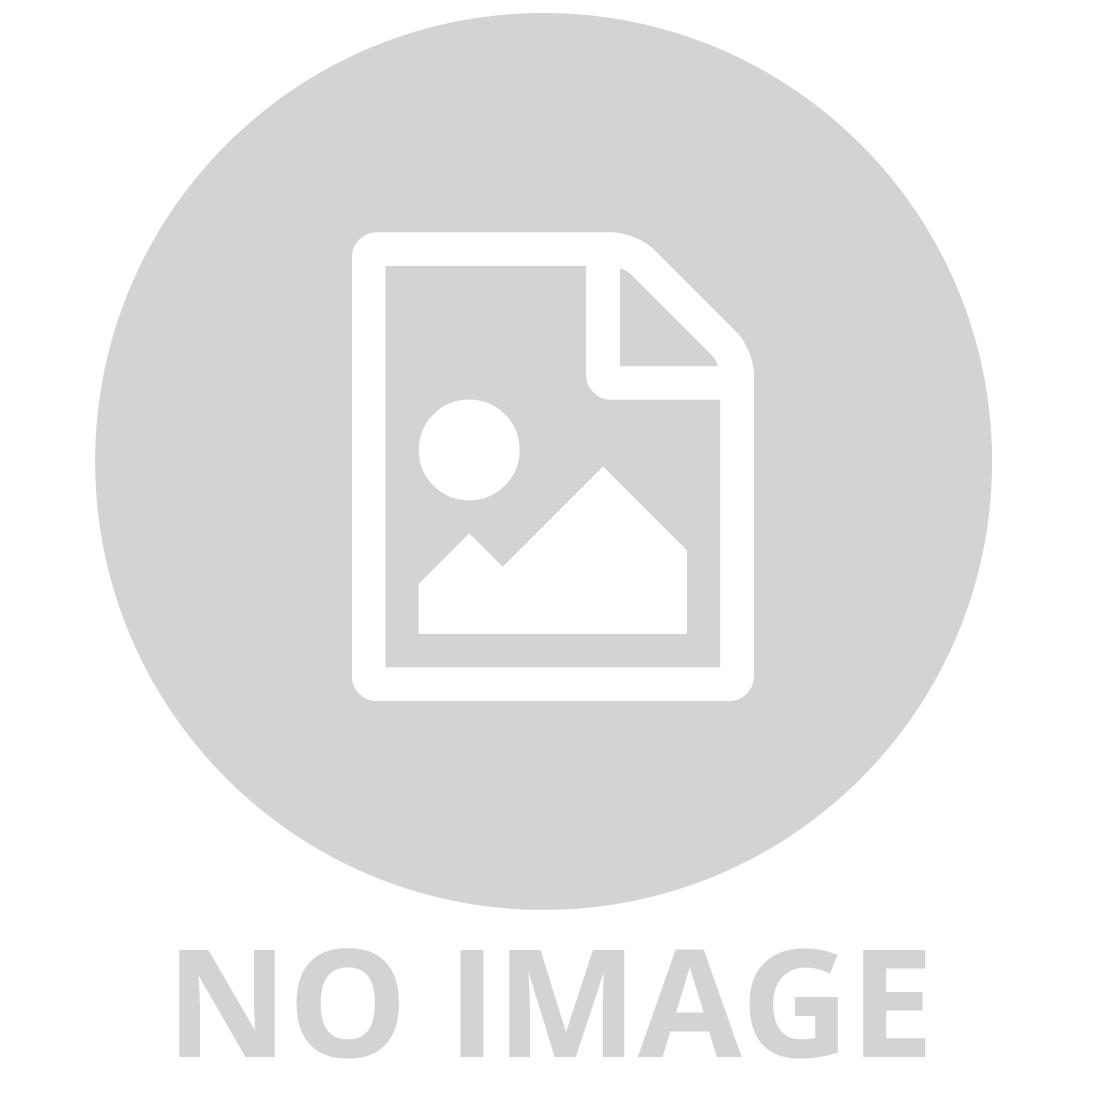 LEGO NINJAGO- SPINJITZU TRAINING - 70606